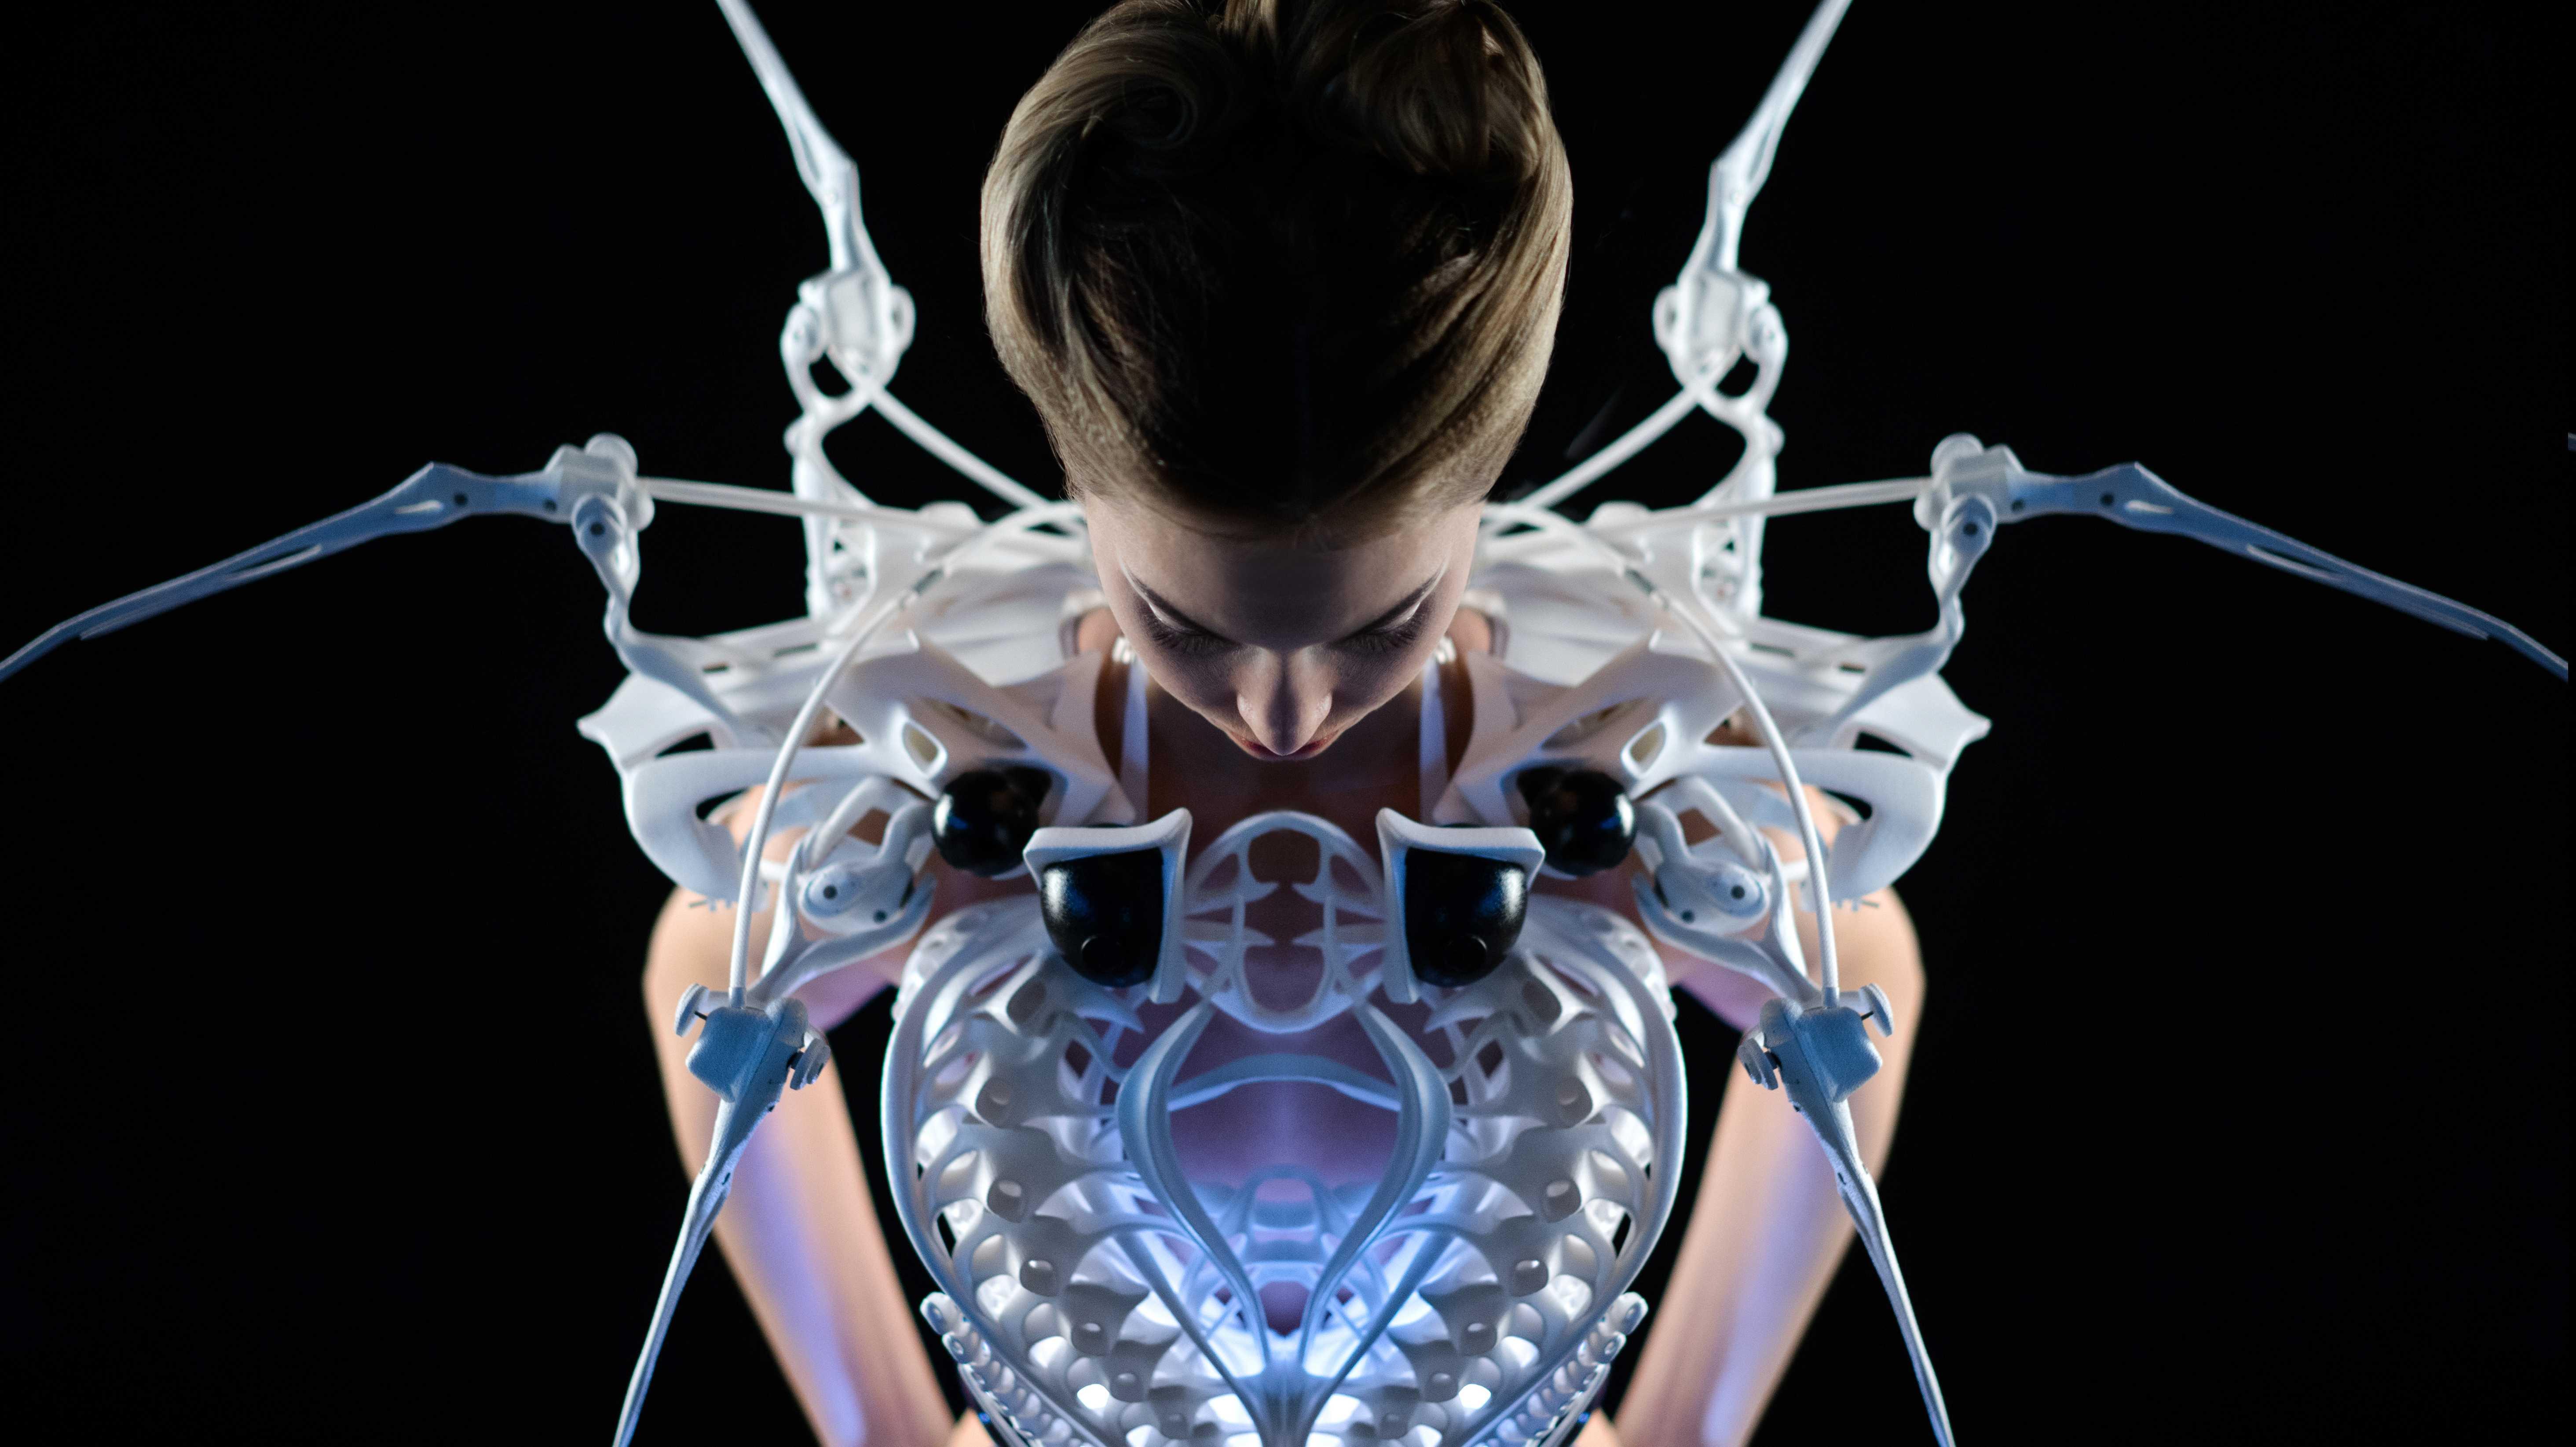 Robotik-Konferenz ICRA: Von anmutigen Autos und aggressiven Kleidern